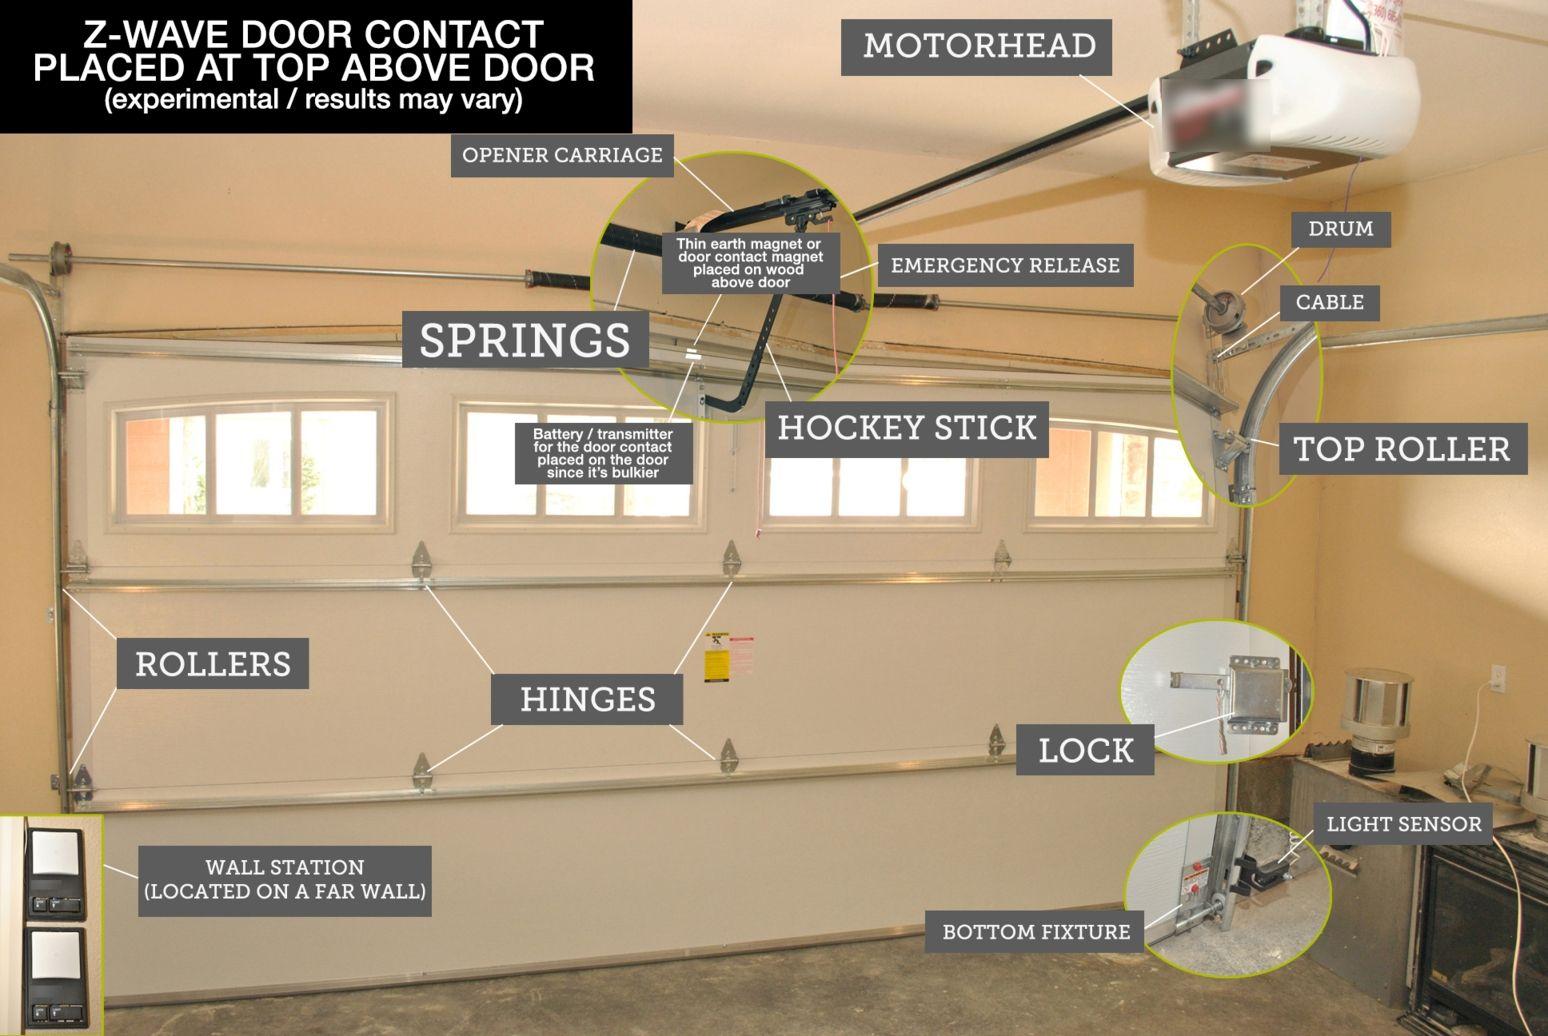 smartthings garage door sensor regarding property - Smartthings Garage Door